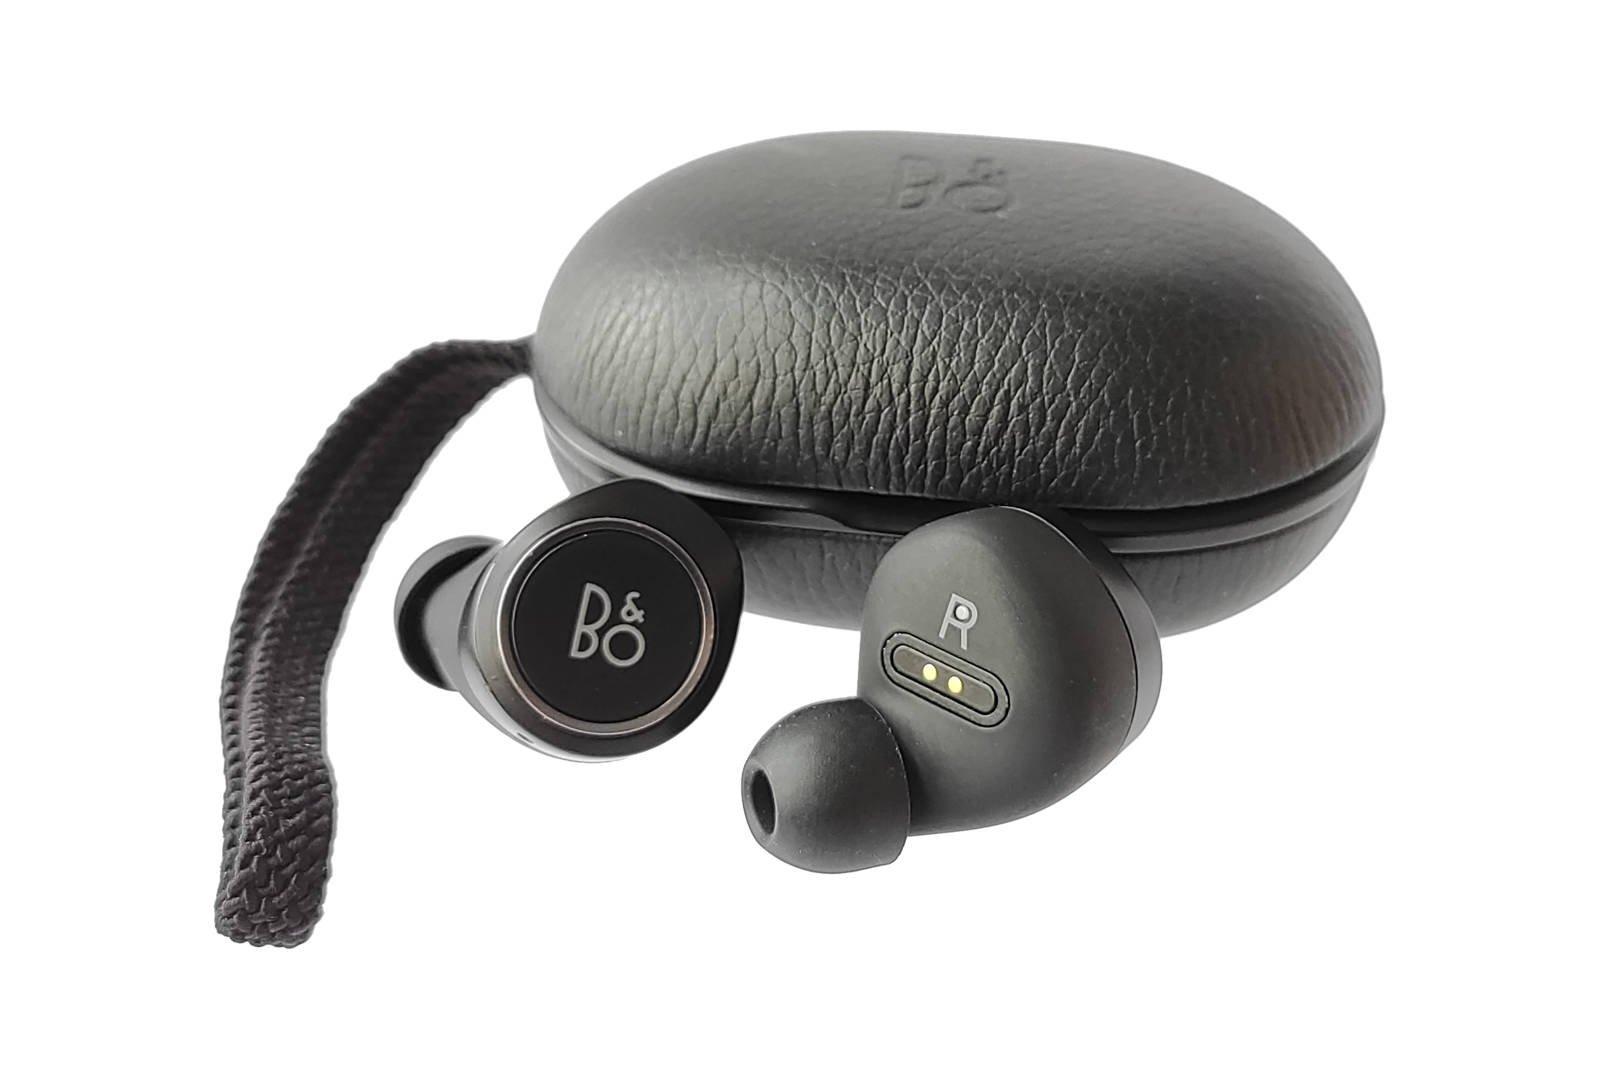 Bang & Olufsen Beoplay B8 Headphones Black